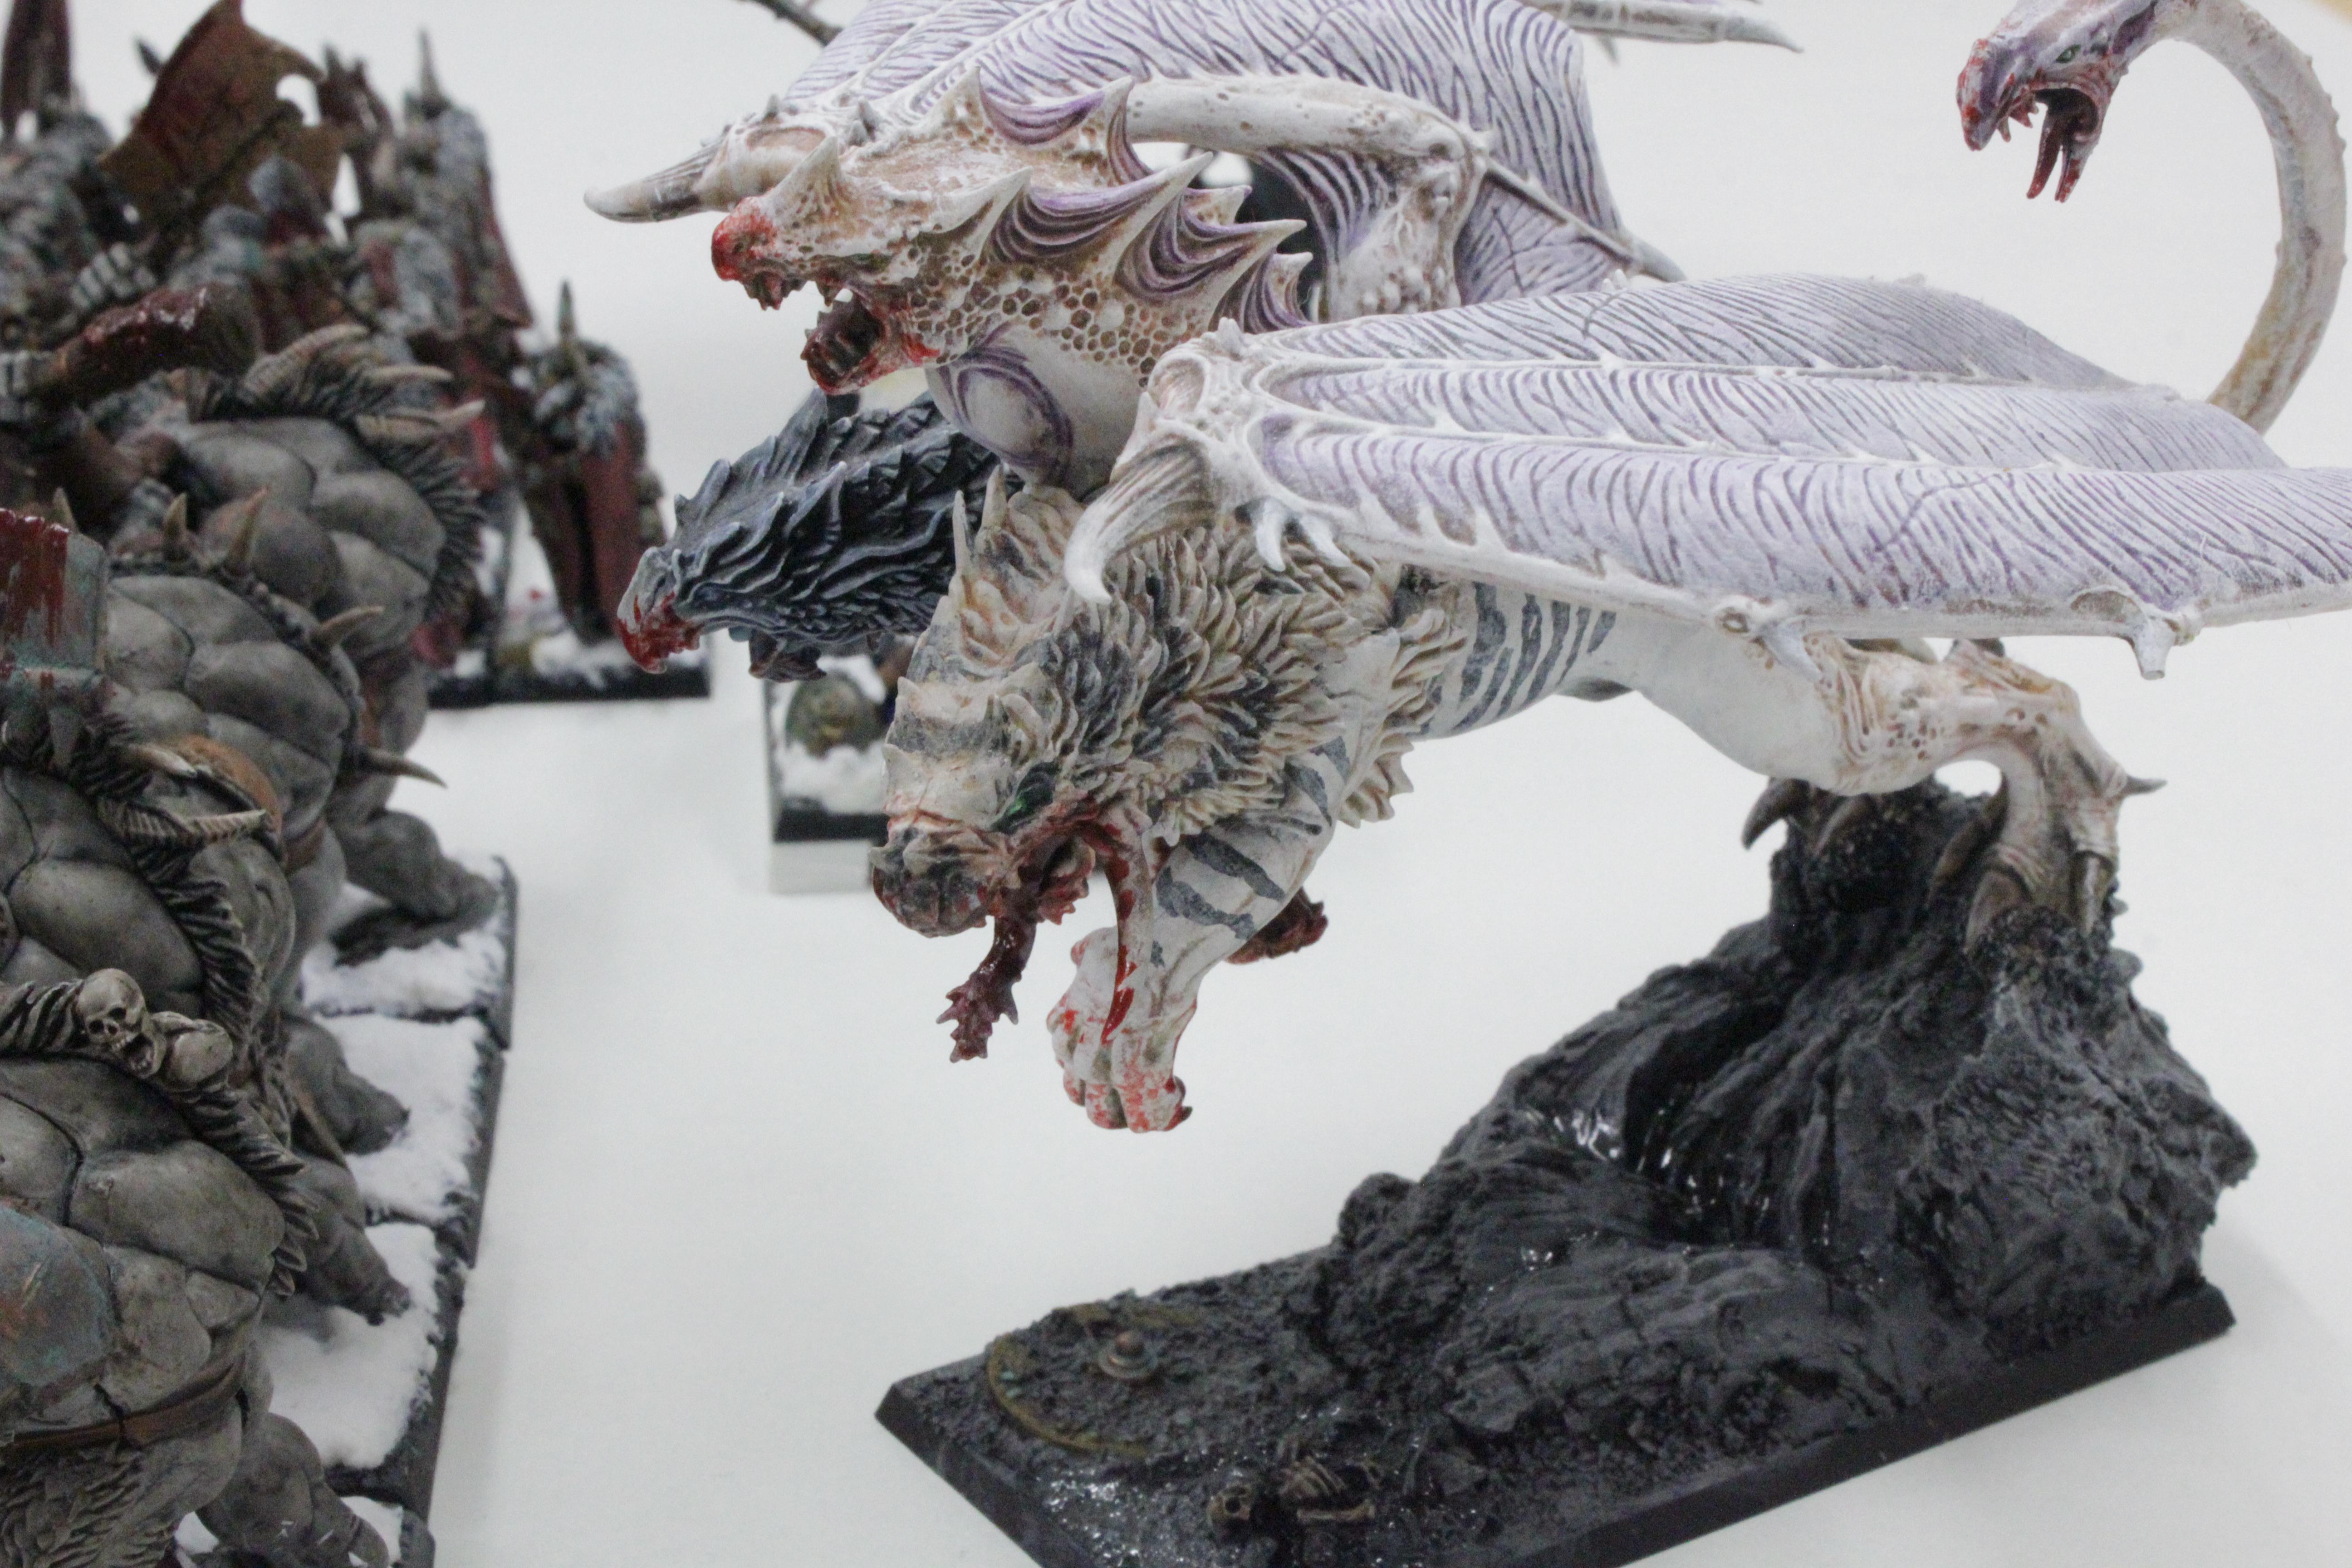 Chaos, Chaos Trolls, Chimera, Disk Of Tzeentch, Minotaurs, Sorceress, Standard Bearer, Warhammer Fantasy, Warhound, Warriors, Warriors Of Chaos, Woc